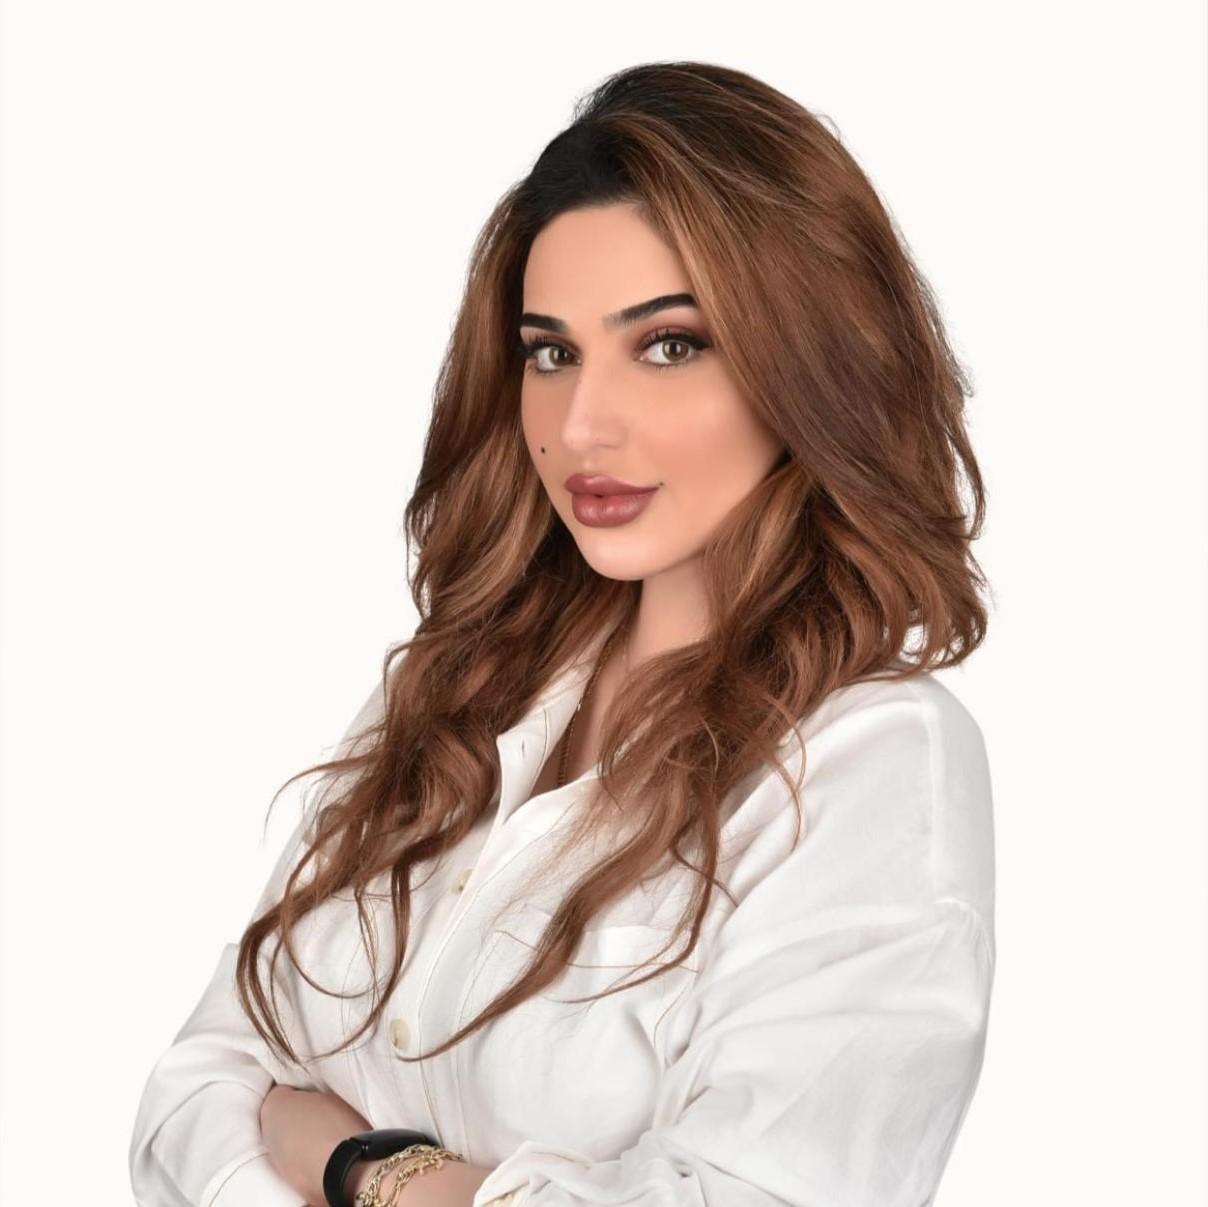 Fatima Al-Ali